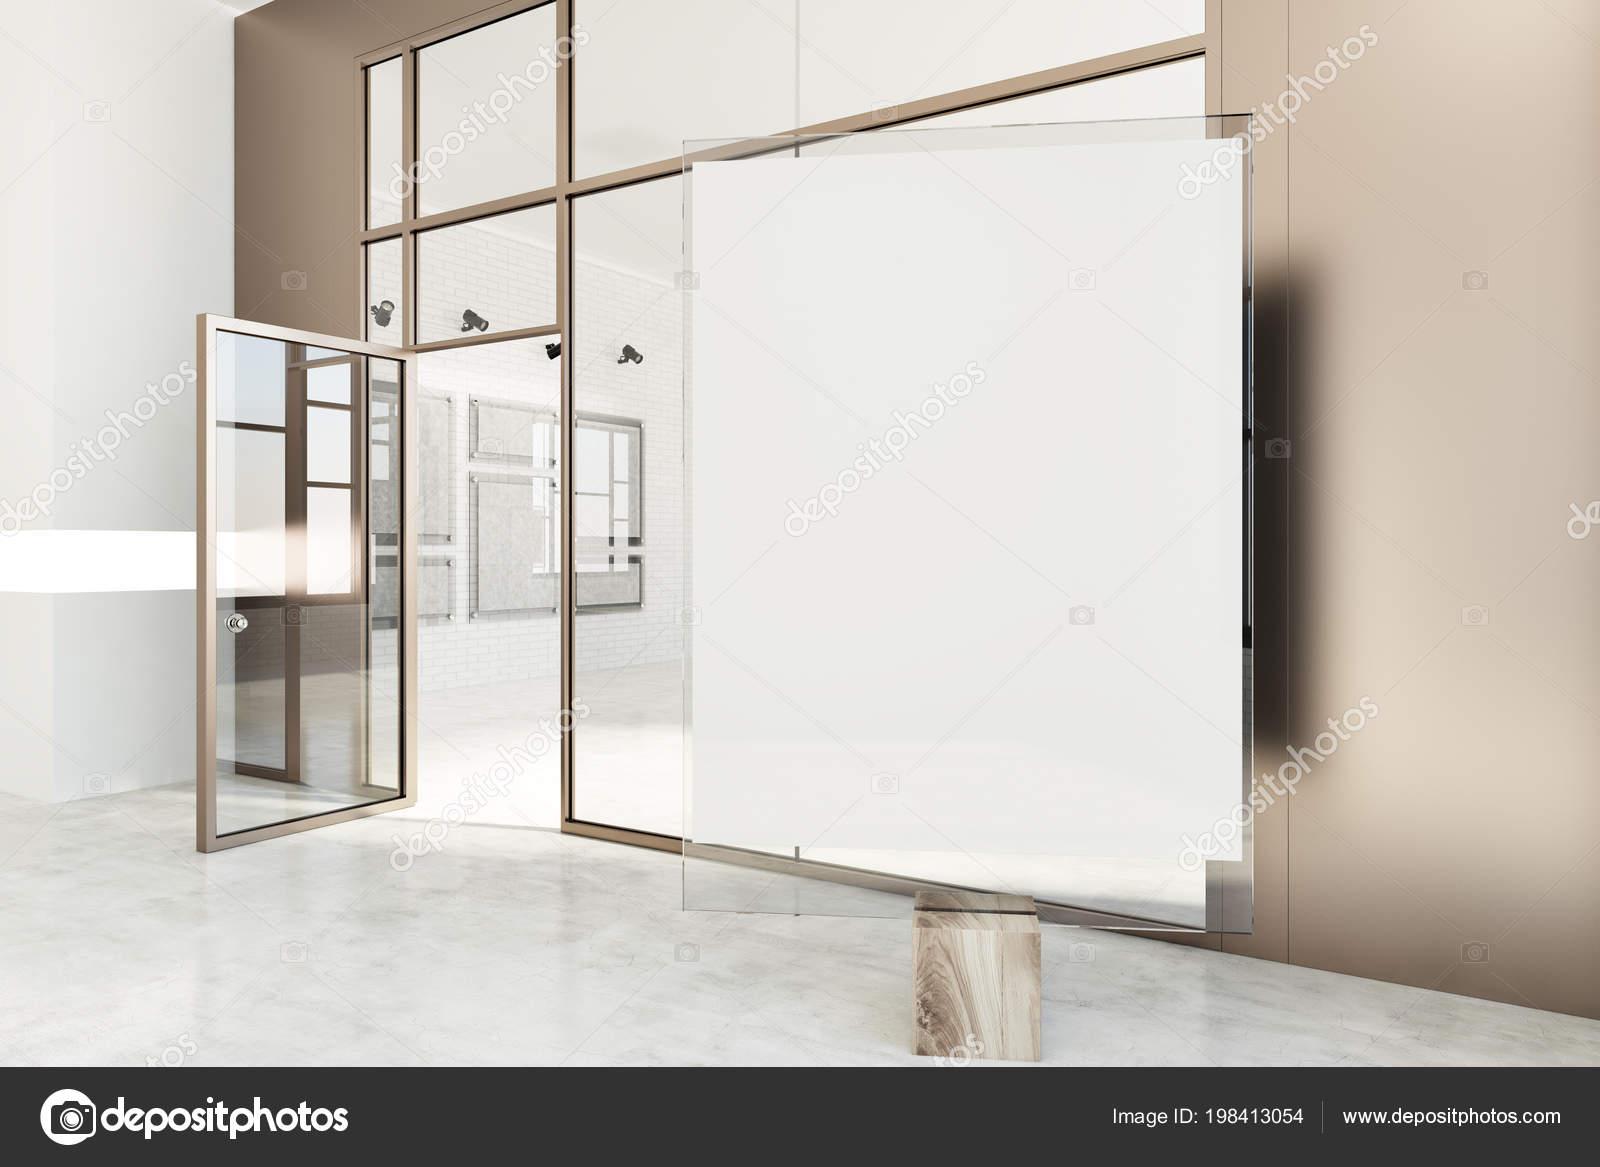 Galleria Poster Con Pareti Bianche Beige Pavimento Cemento Porte ...